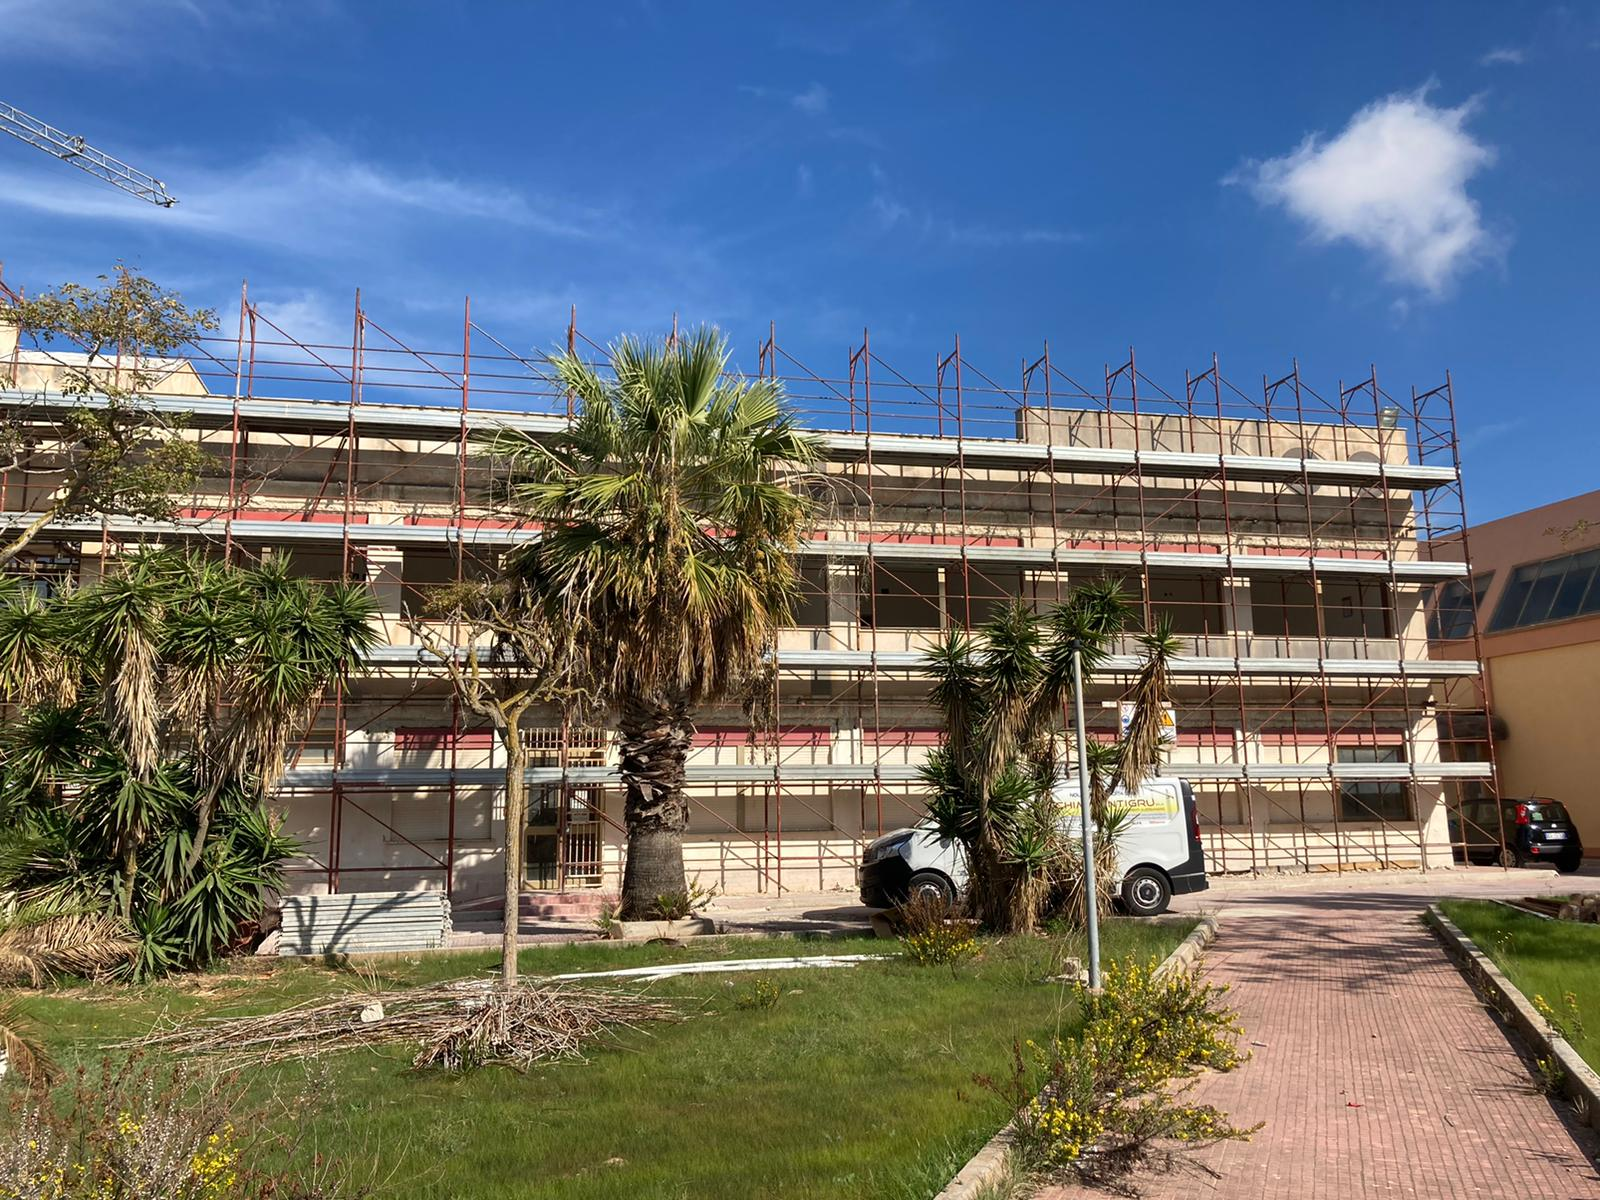 Lavori in corso in contrada Amabilina, un quartiere che rinasce con i fondi europei